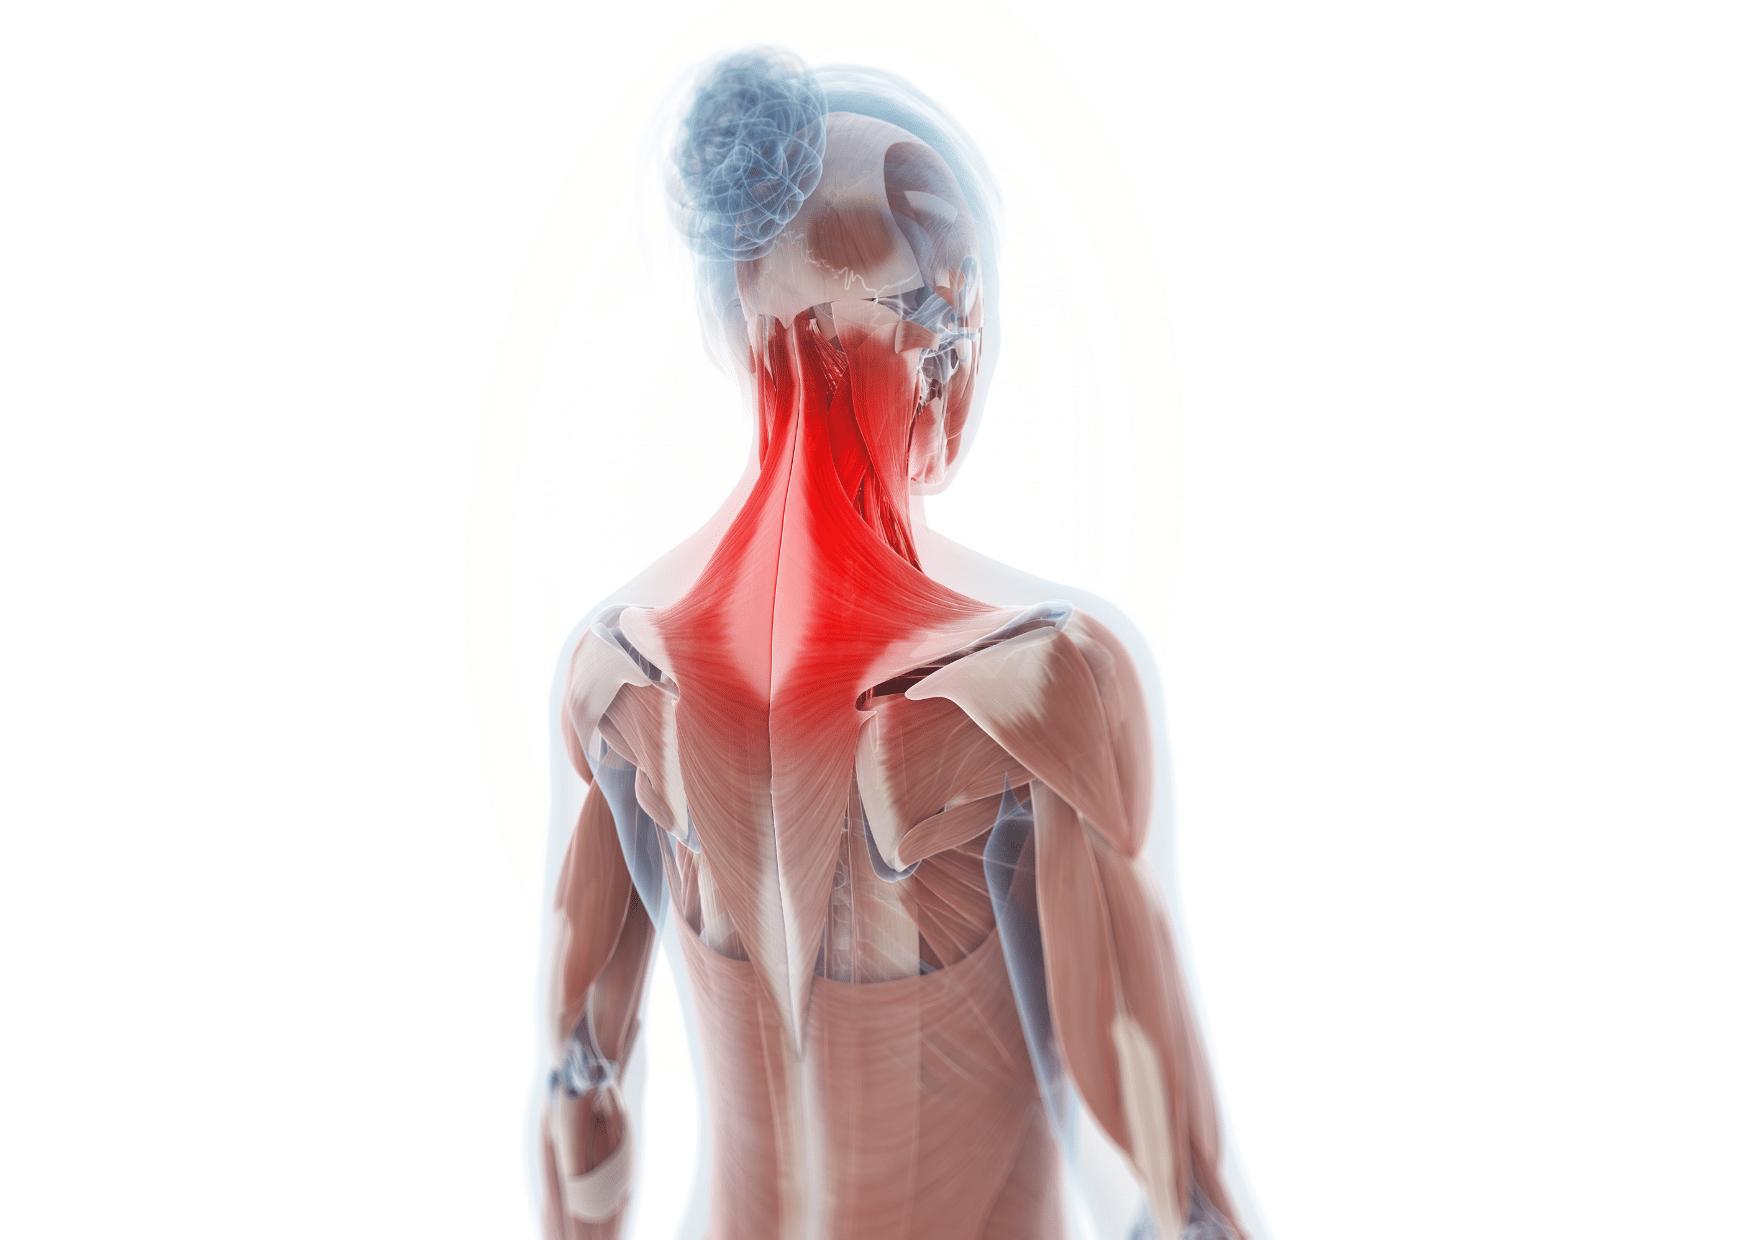 Stijve nek hoofdpijn